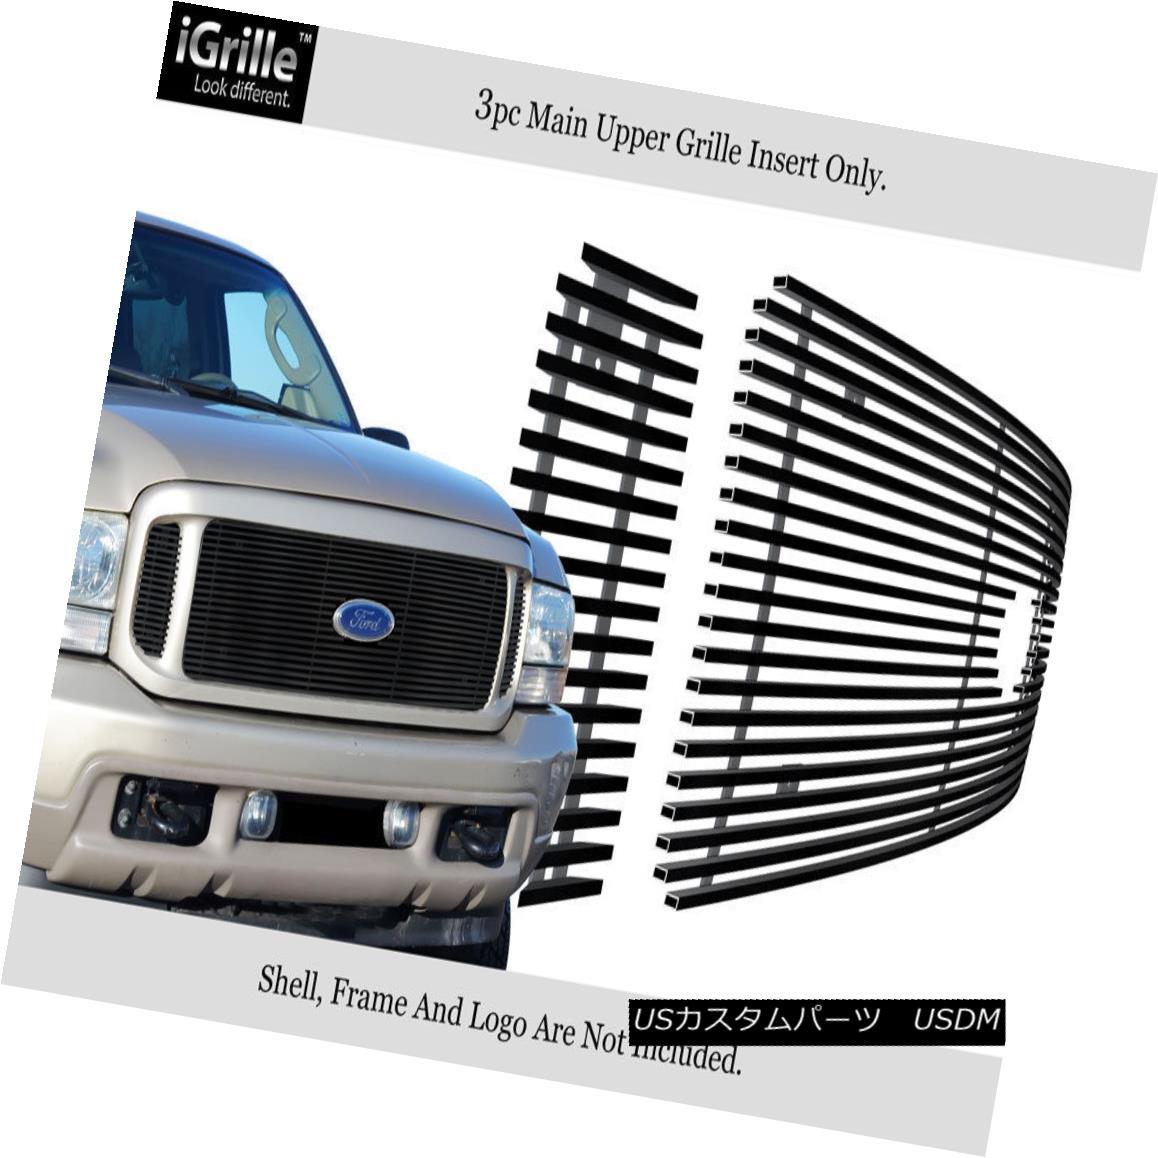 グリル For 99-04 Ford F250/F350/Excursion Black Stainless Steel Billet Grille 99-04 Ford F250 / F350 / Excu 用ブラックステンレス鋼ビレットグリル